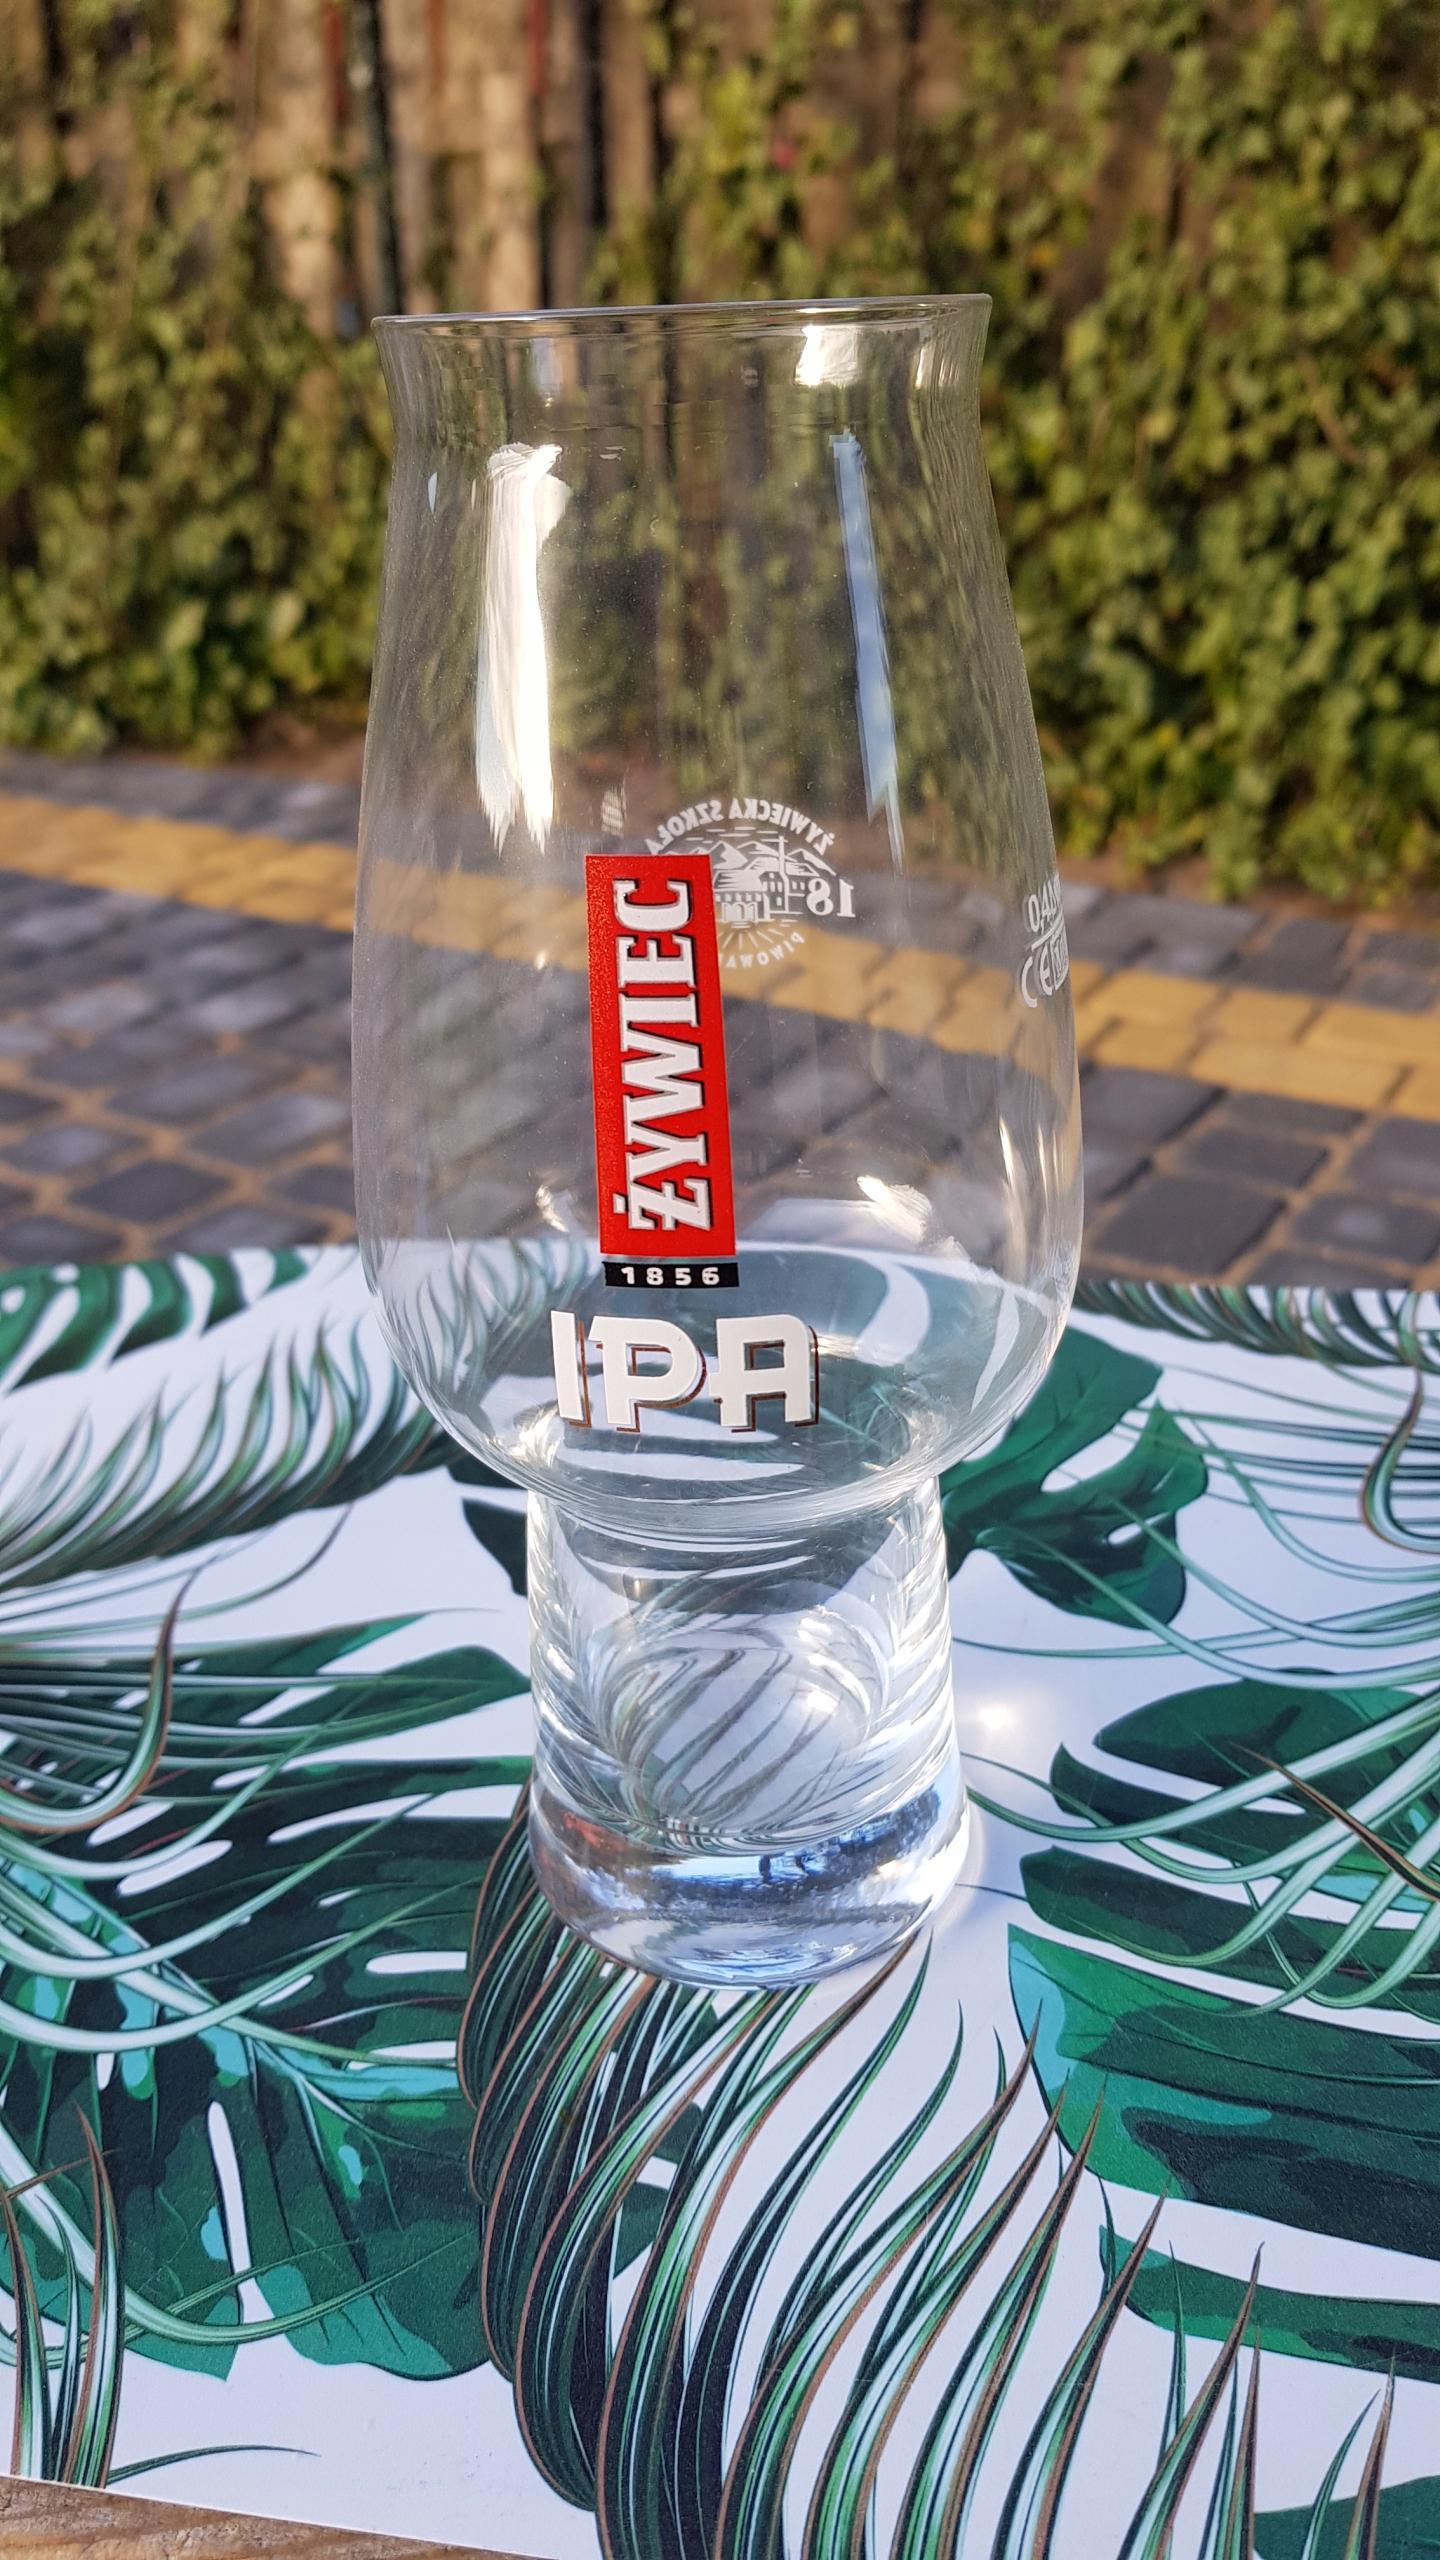 Kufel szklanka Żywiec IPA 0,4 l szkło